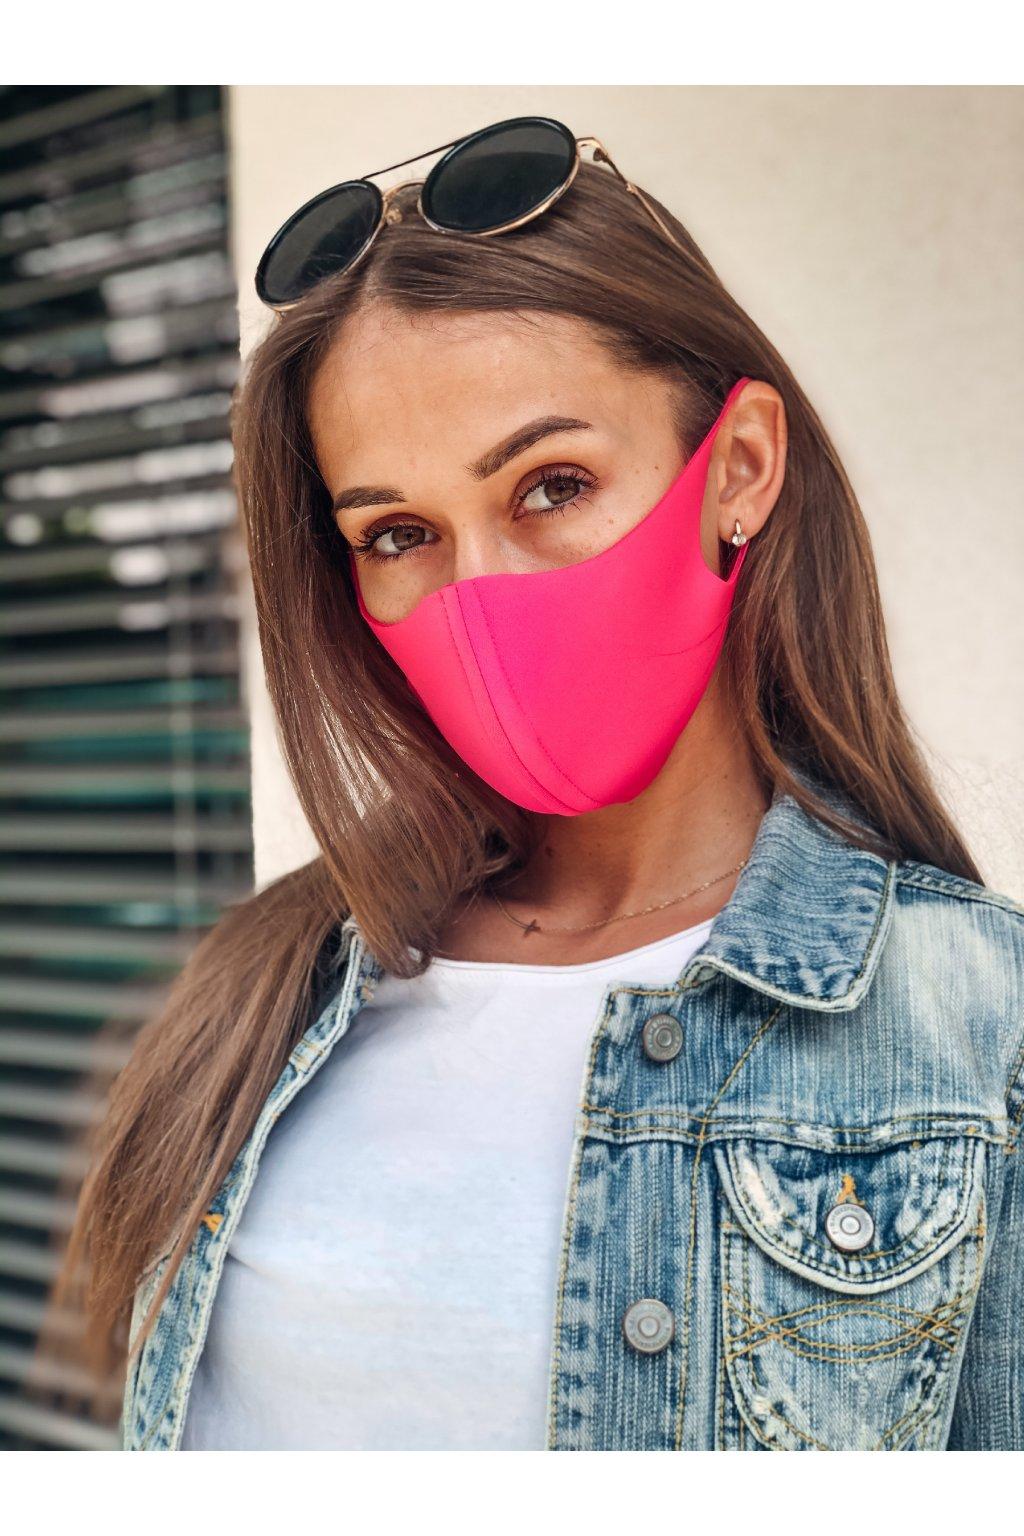 stylova rouska pink eshopat cz 1